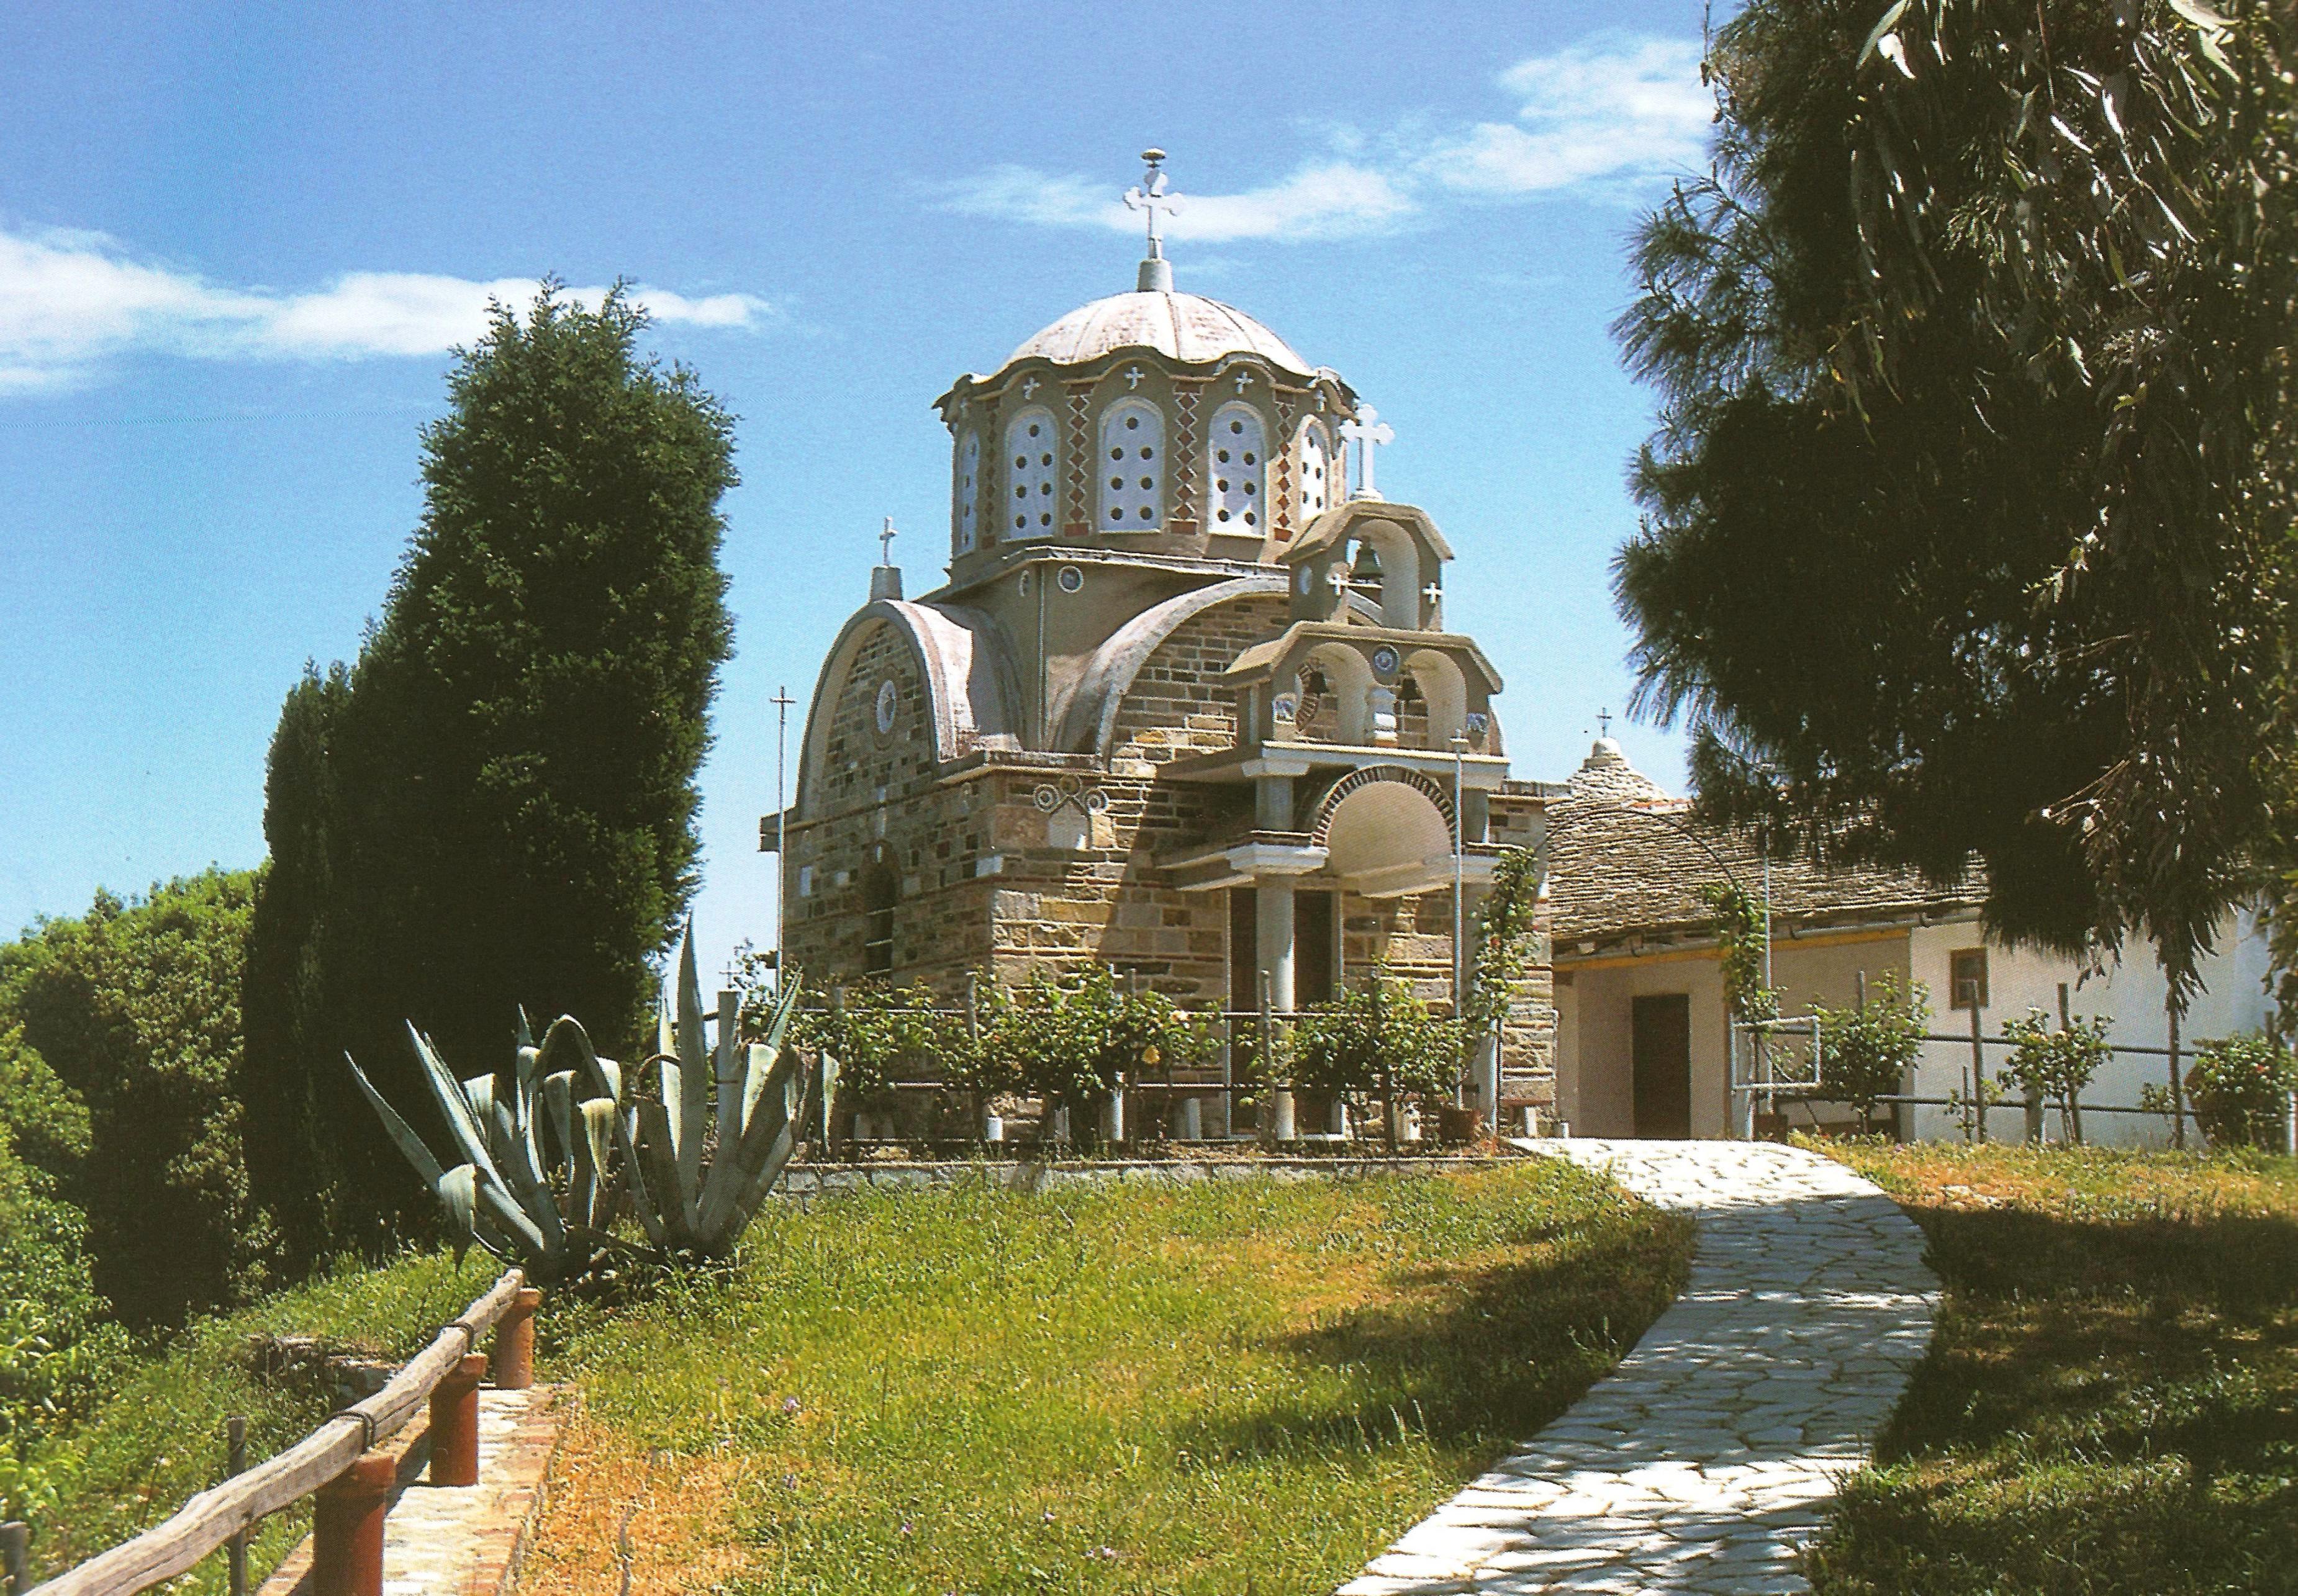 Το κελλί του Πατριάρχου (αγίου) Γρηγορίου Ε΄. The cell of the Patriarch (saint) Gregory [Gregorios] V.